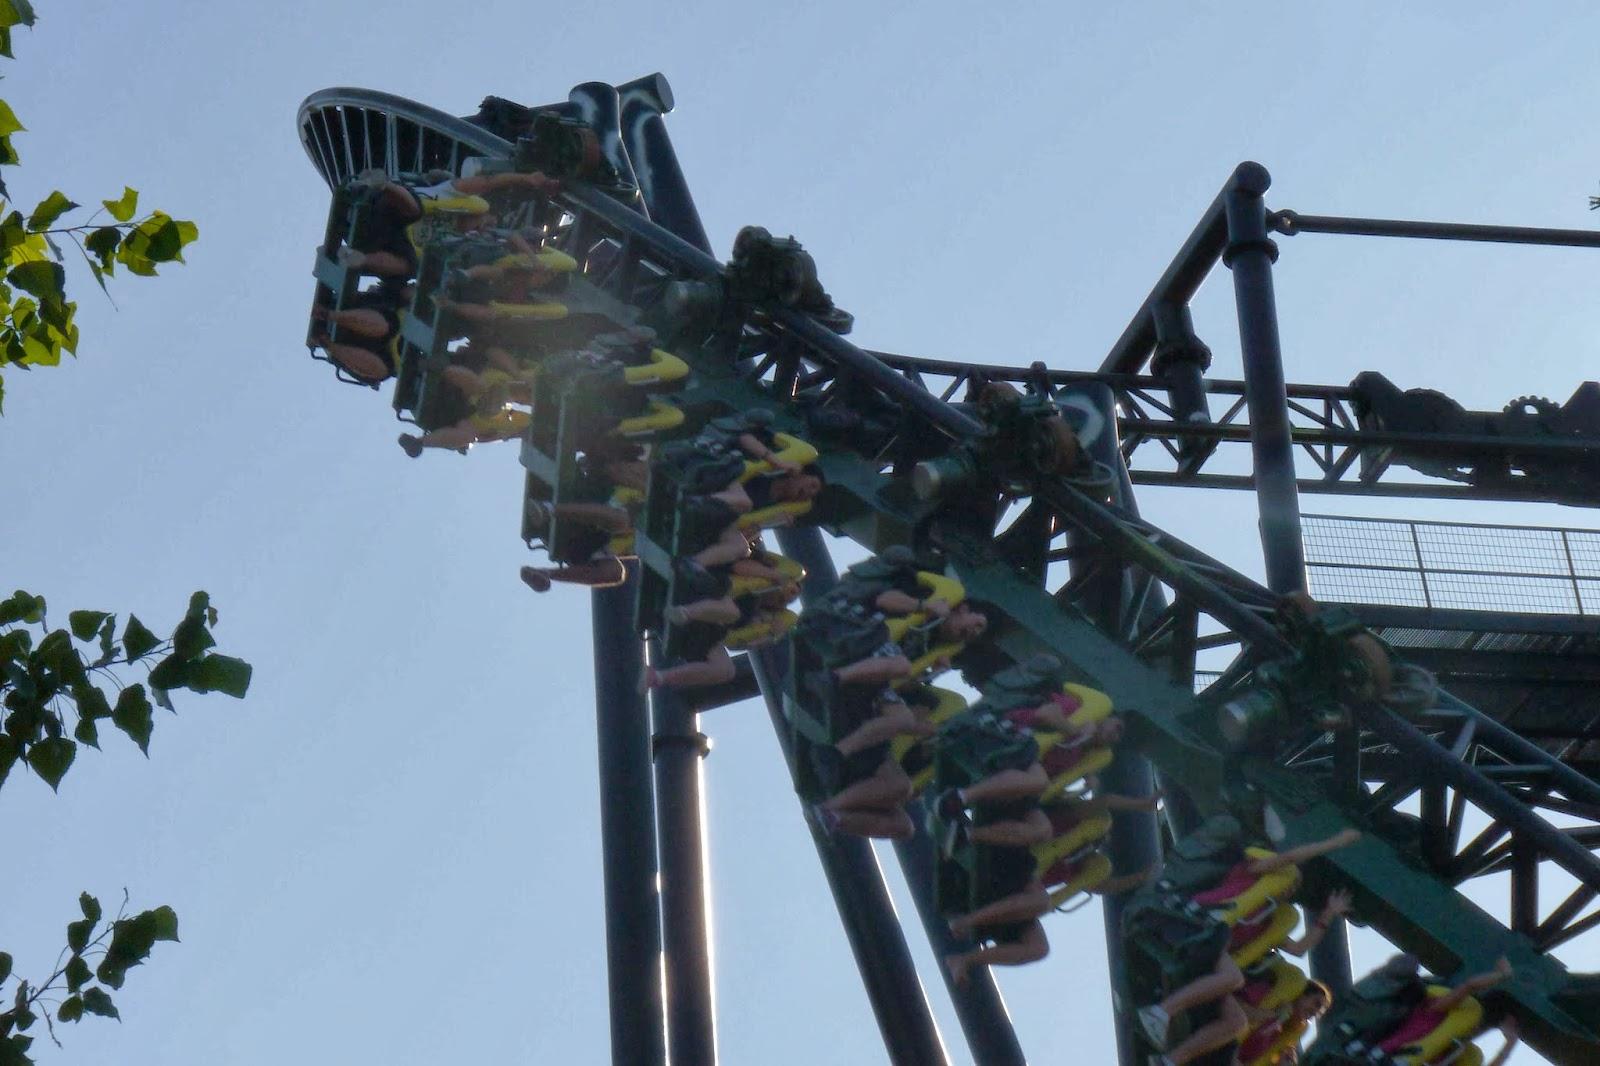 El Tornado-Parque de Atracciones de Madrid.